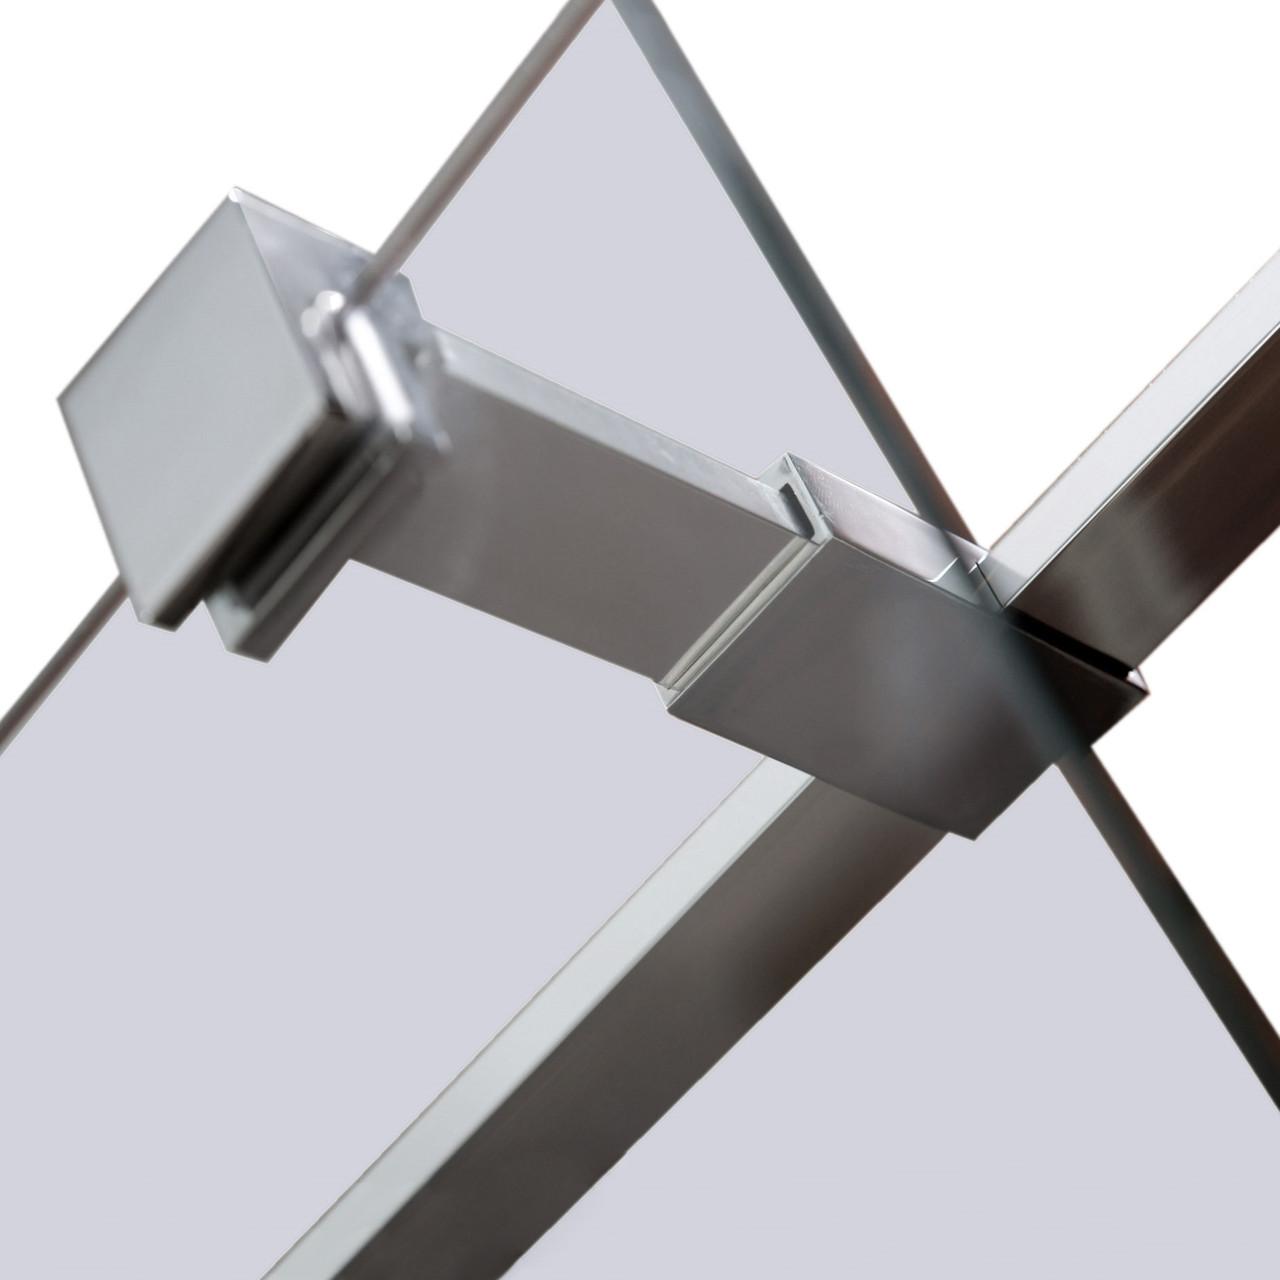 Держатель стекла (Е) с креплениями длинной 300мм